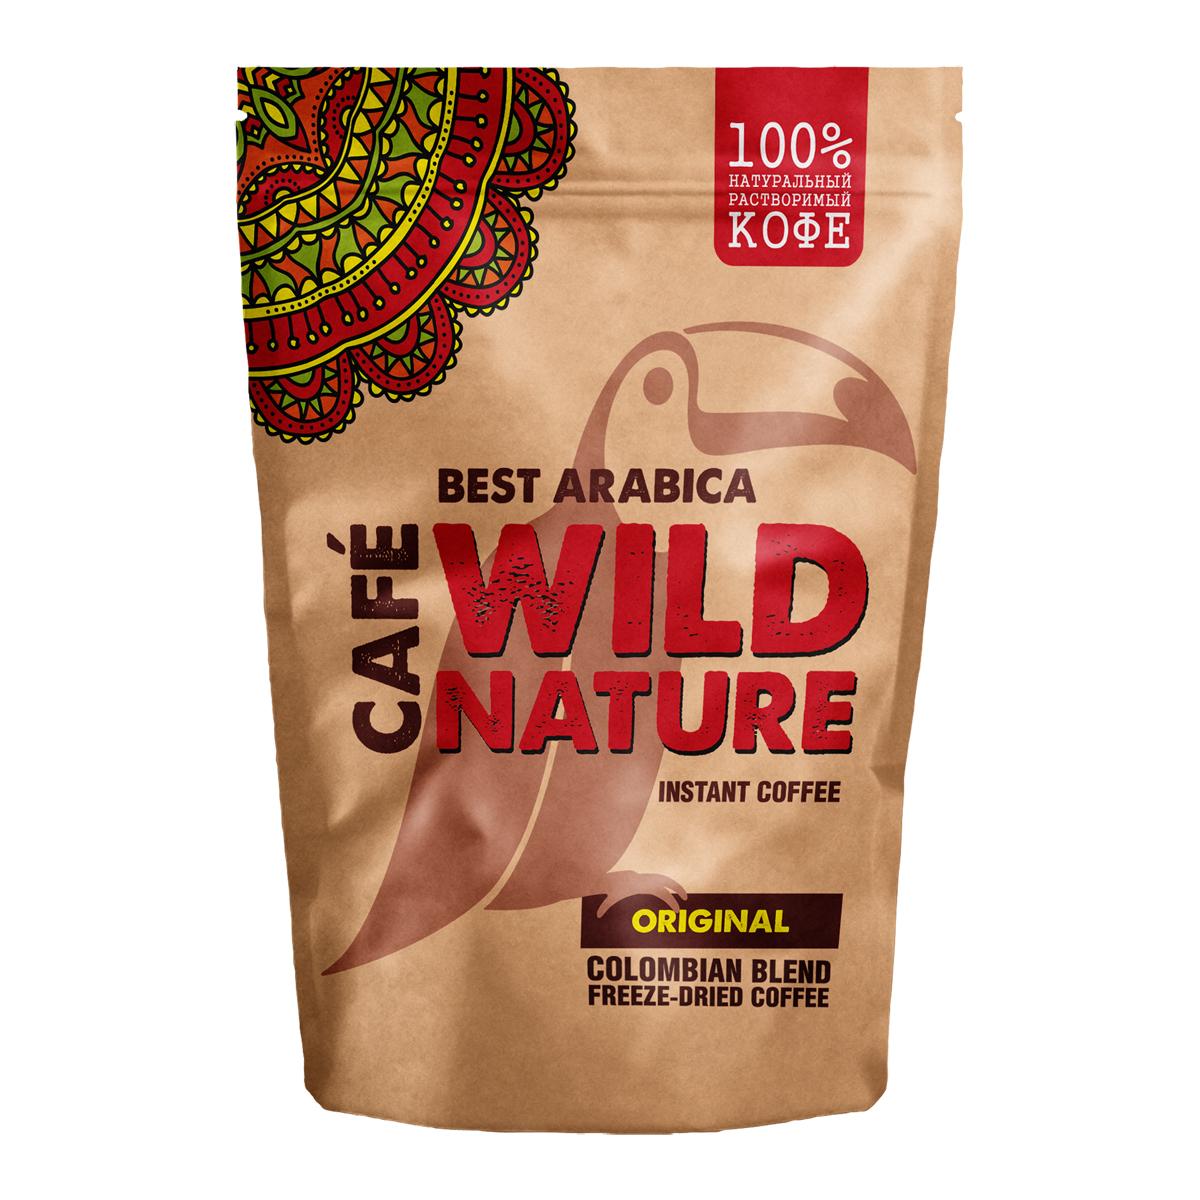 Wild Nature Original кофе растворимый, 75 г5060414010267Wild Nature Original - это нежный, но плотный и насыщенный кофе, полностью сохранивший мягкий и сбалансированный вкус лучших сортов Колумбийских Арабики.